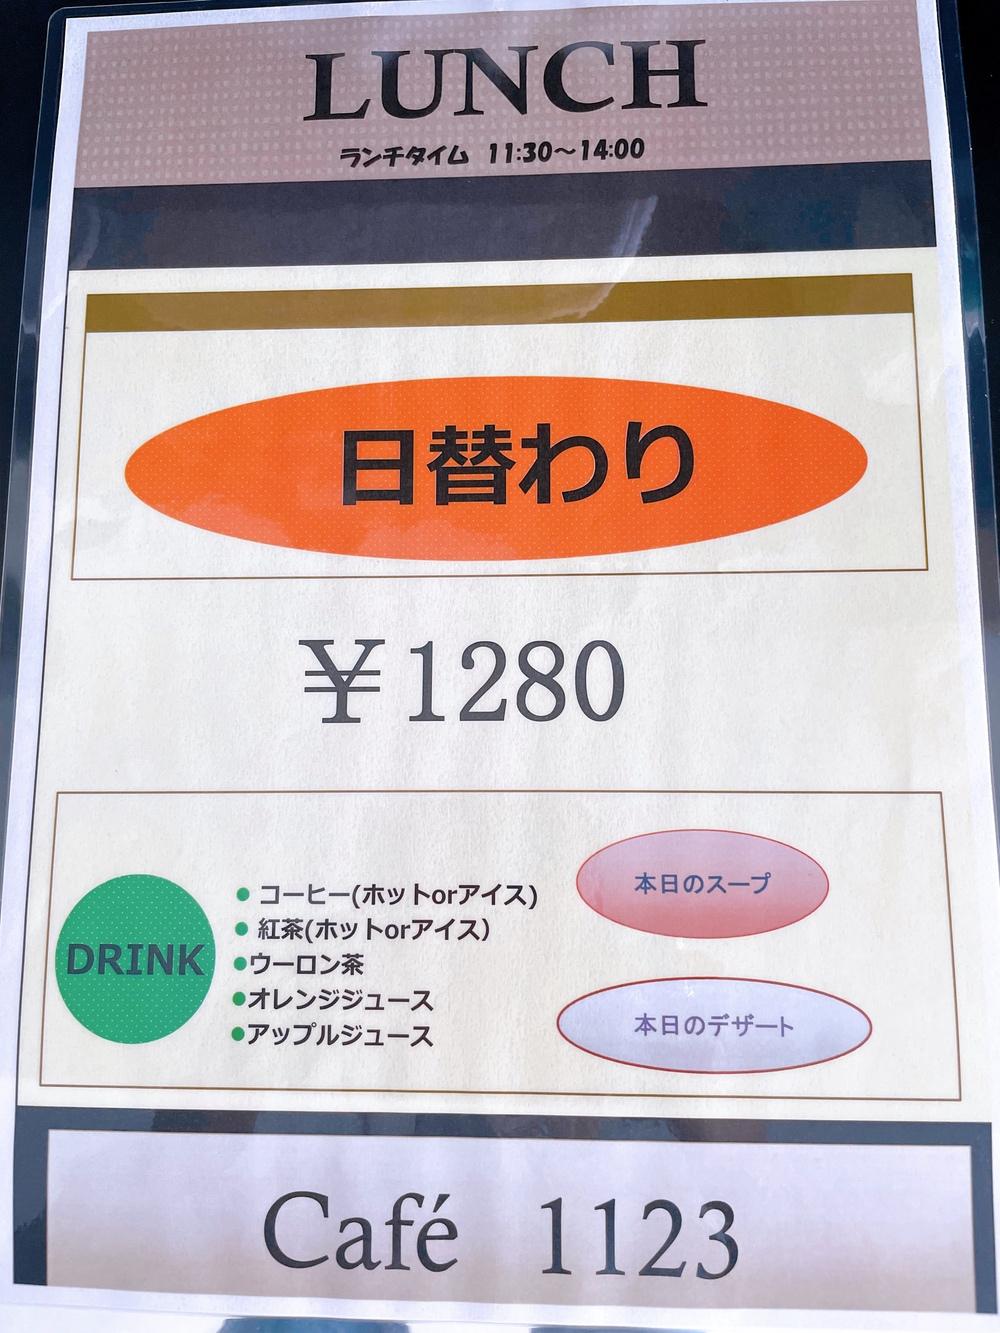 cafe1123 ランチメニュー表